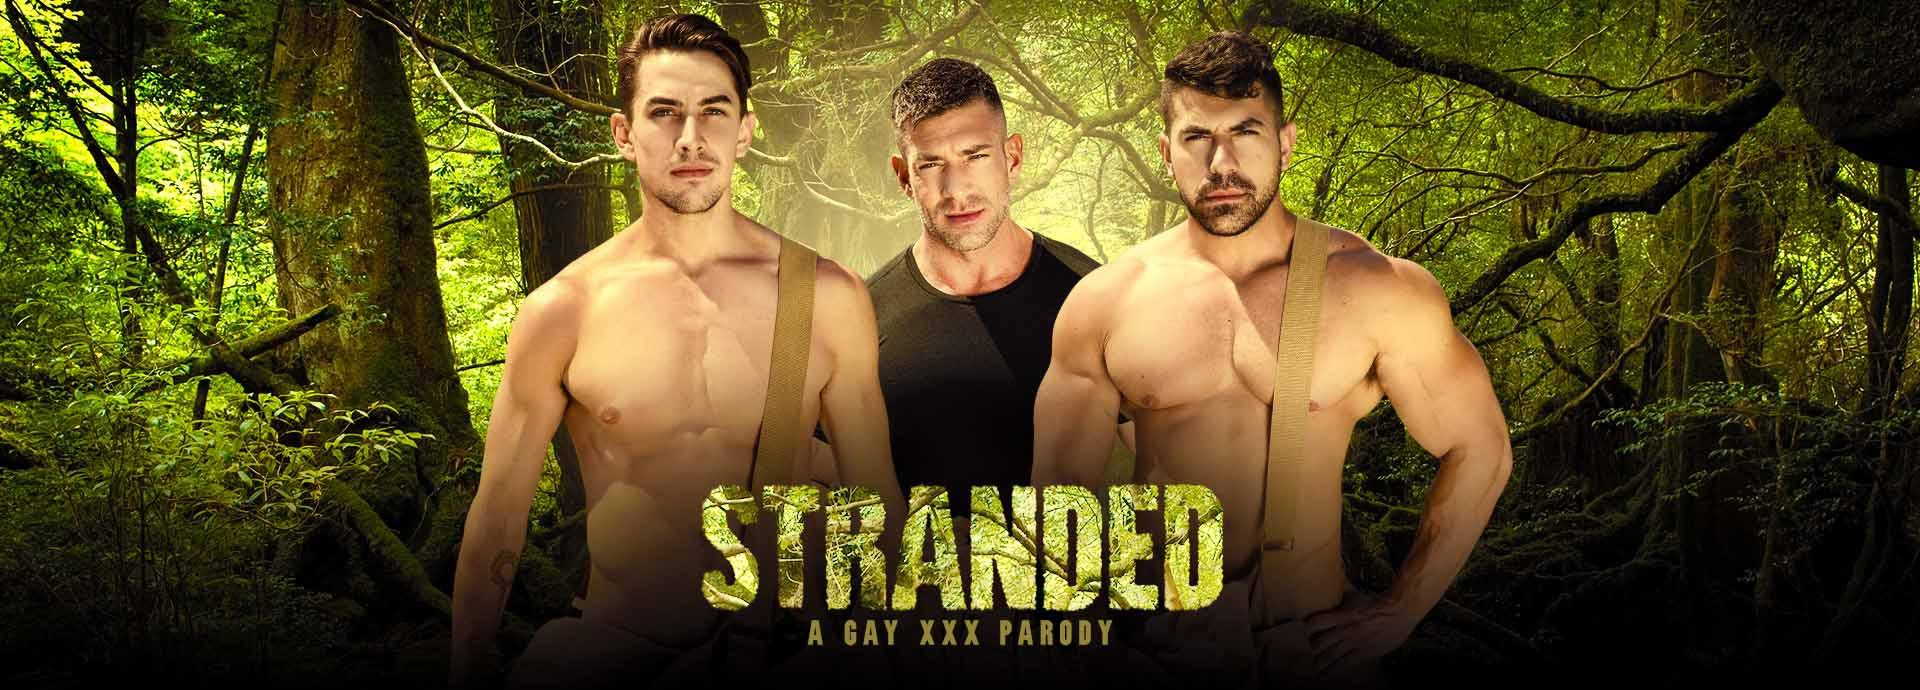 Men Network Stranded